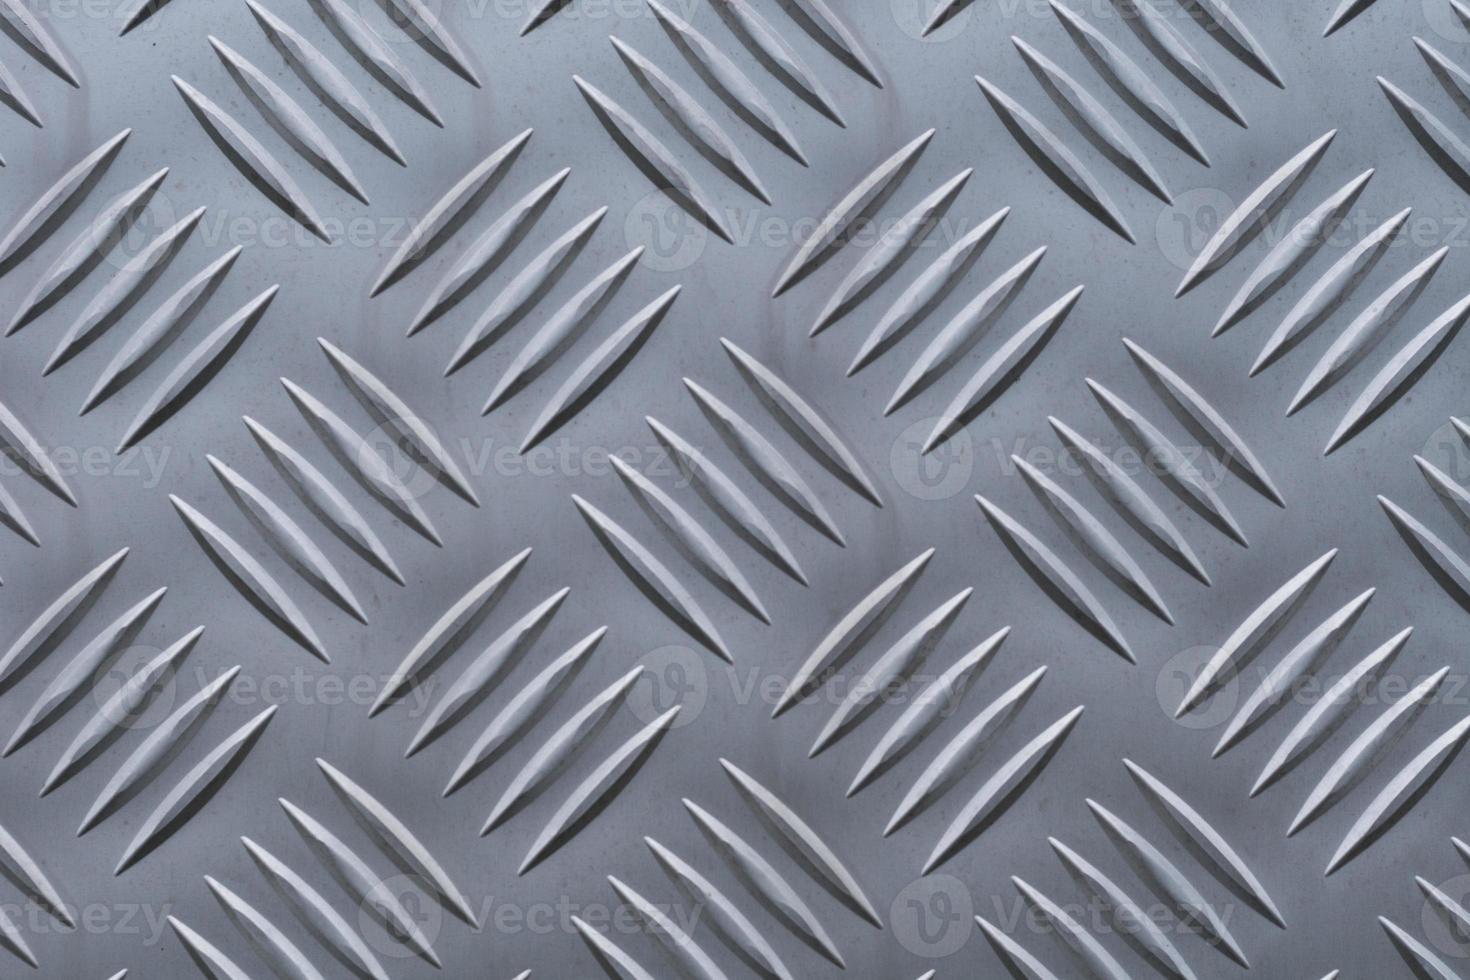 Hintergrund des Rautenmusters von einer Aluminiumplatte foto